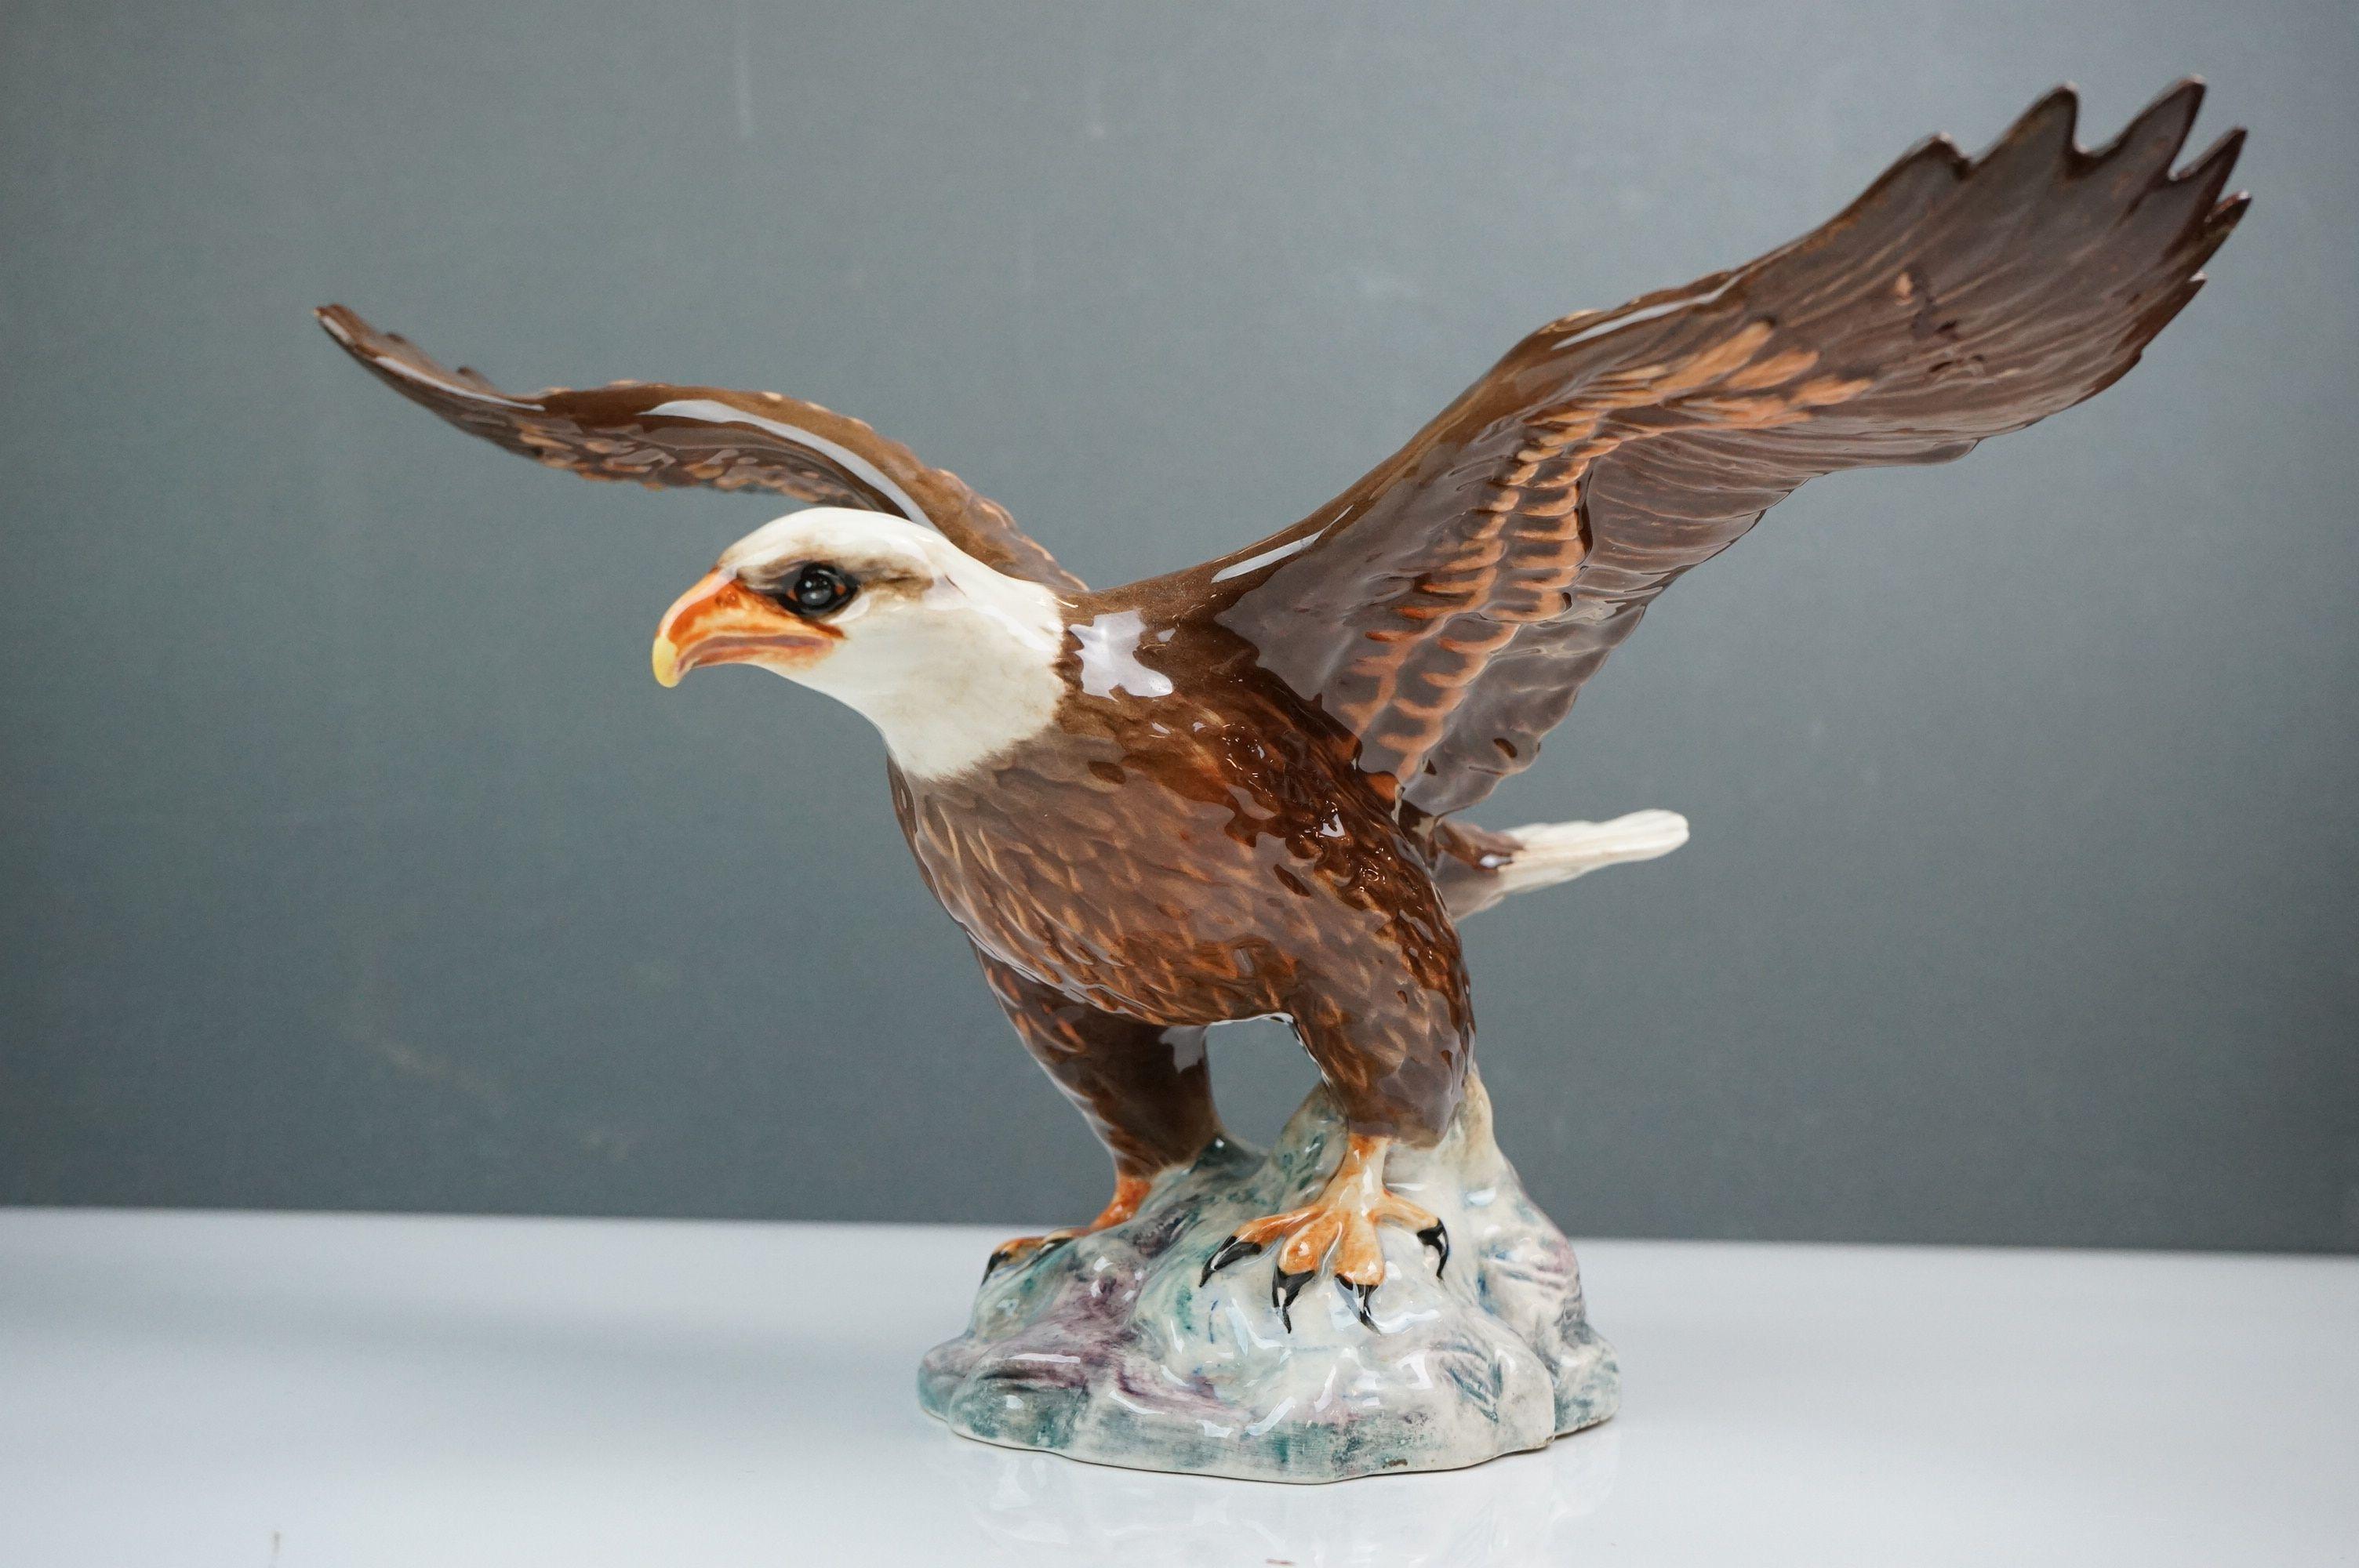 Beswick Eagle on Rock (no. 2307), Beswick Owl (no. 1046a) and Beswick Kingfisher (no. 2371) - Image 4 of 11